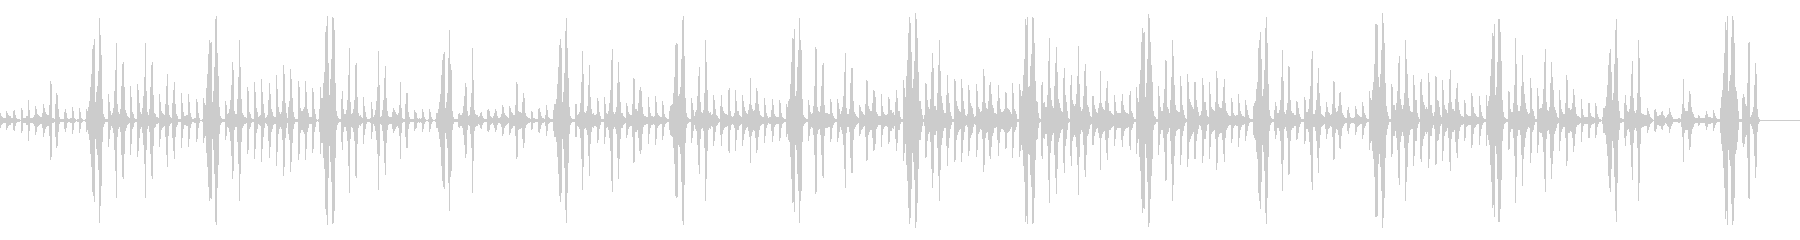 キックなし、114 BPMの未再生の波形